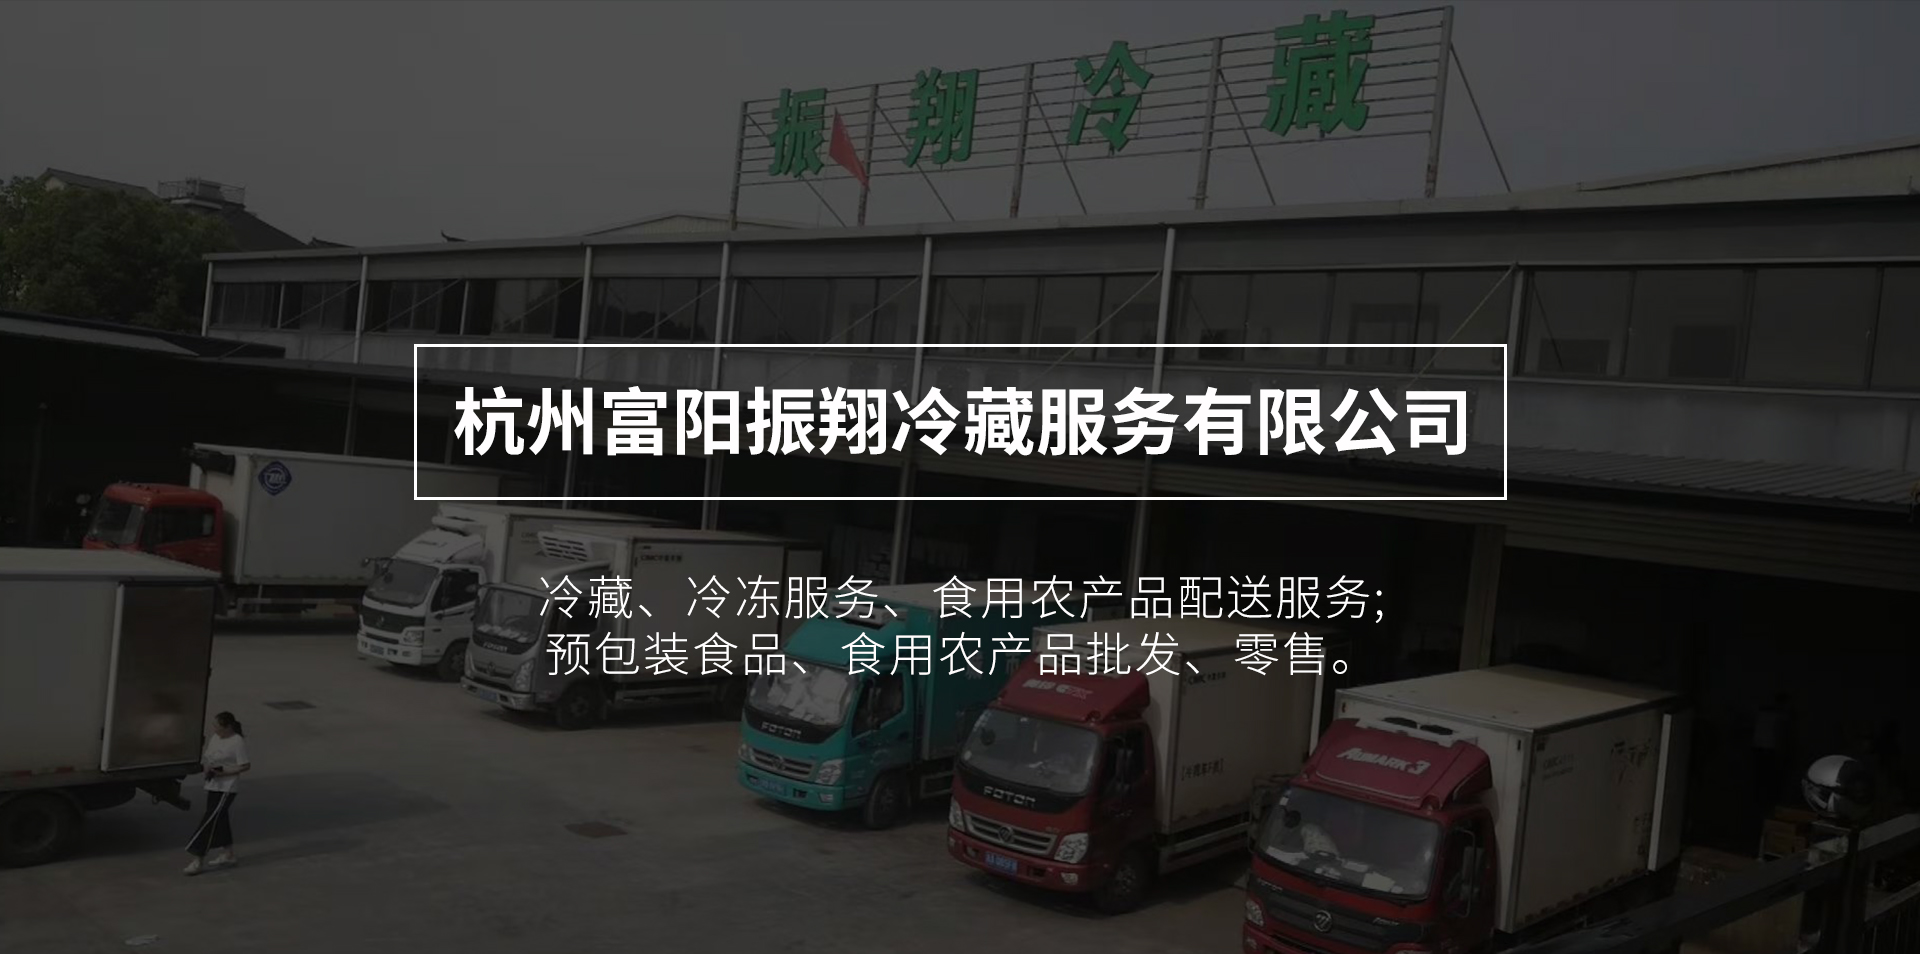 海鲜冷藏运输.果蔬冷藏运输.肉类冷藏运输